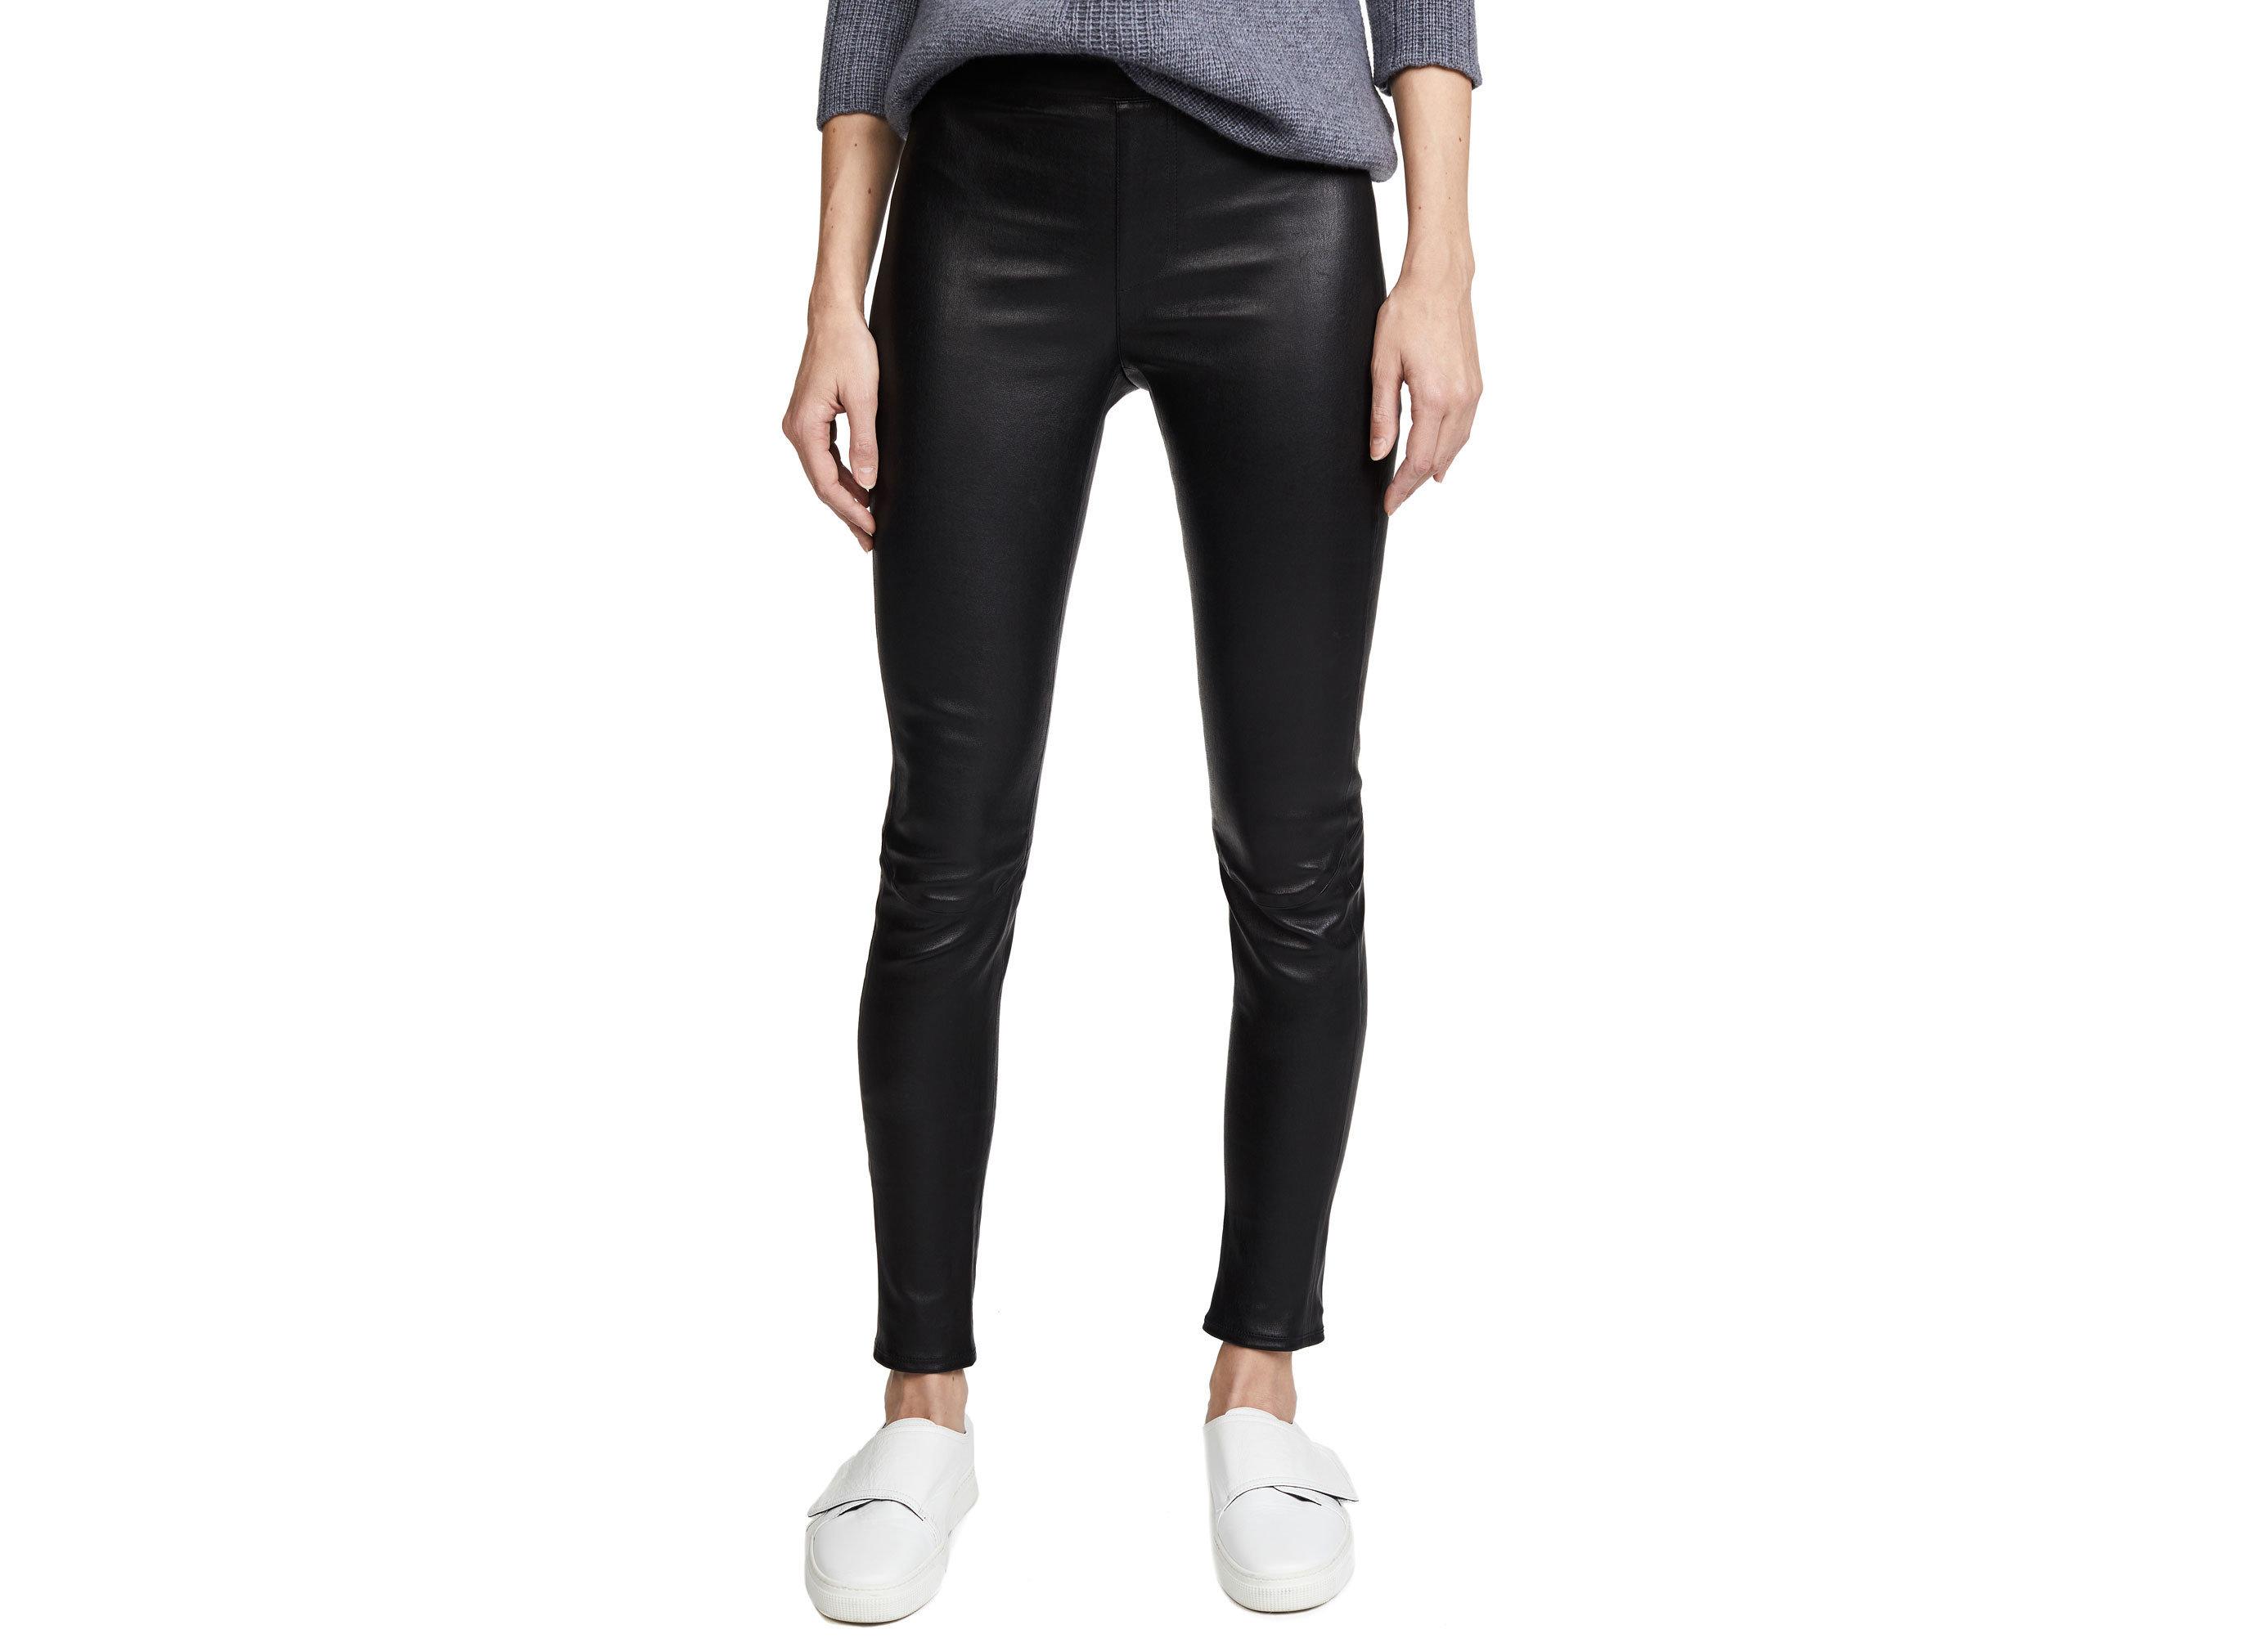 Celebs Style + Design Travel Shop clothing trouser jeans person suit waist joint posing denim leggings tights trousers human leg shoe abdomen active pants